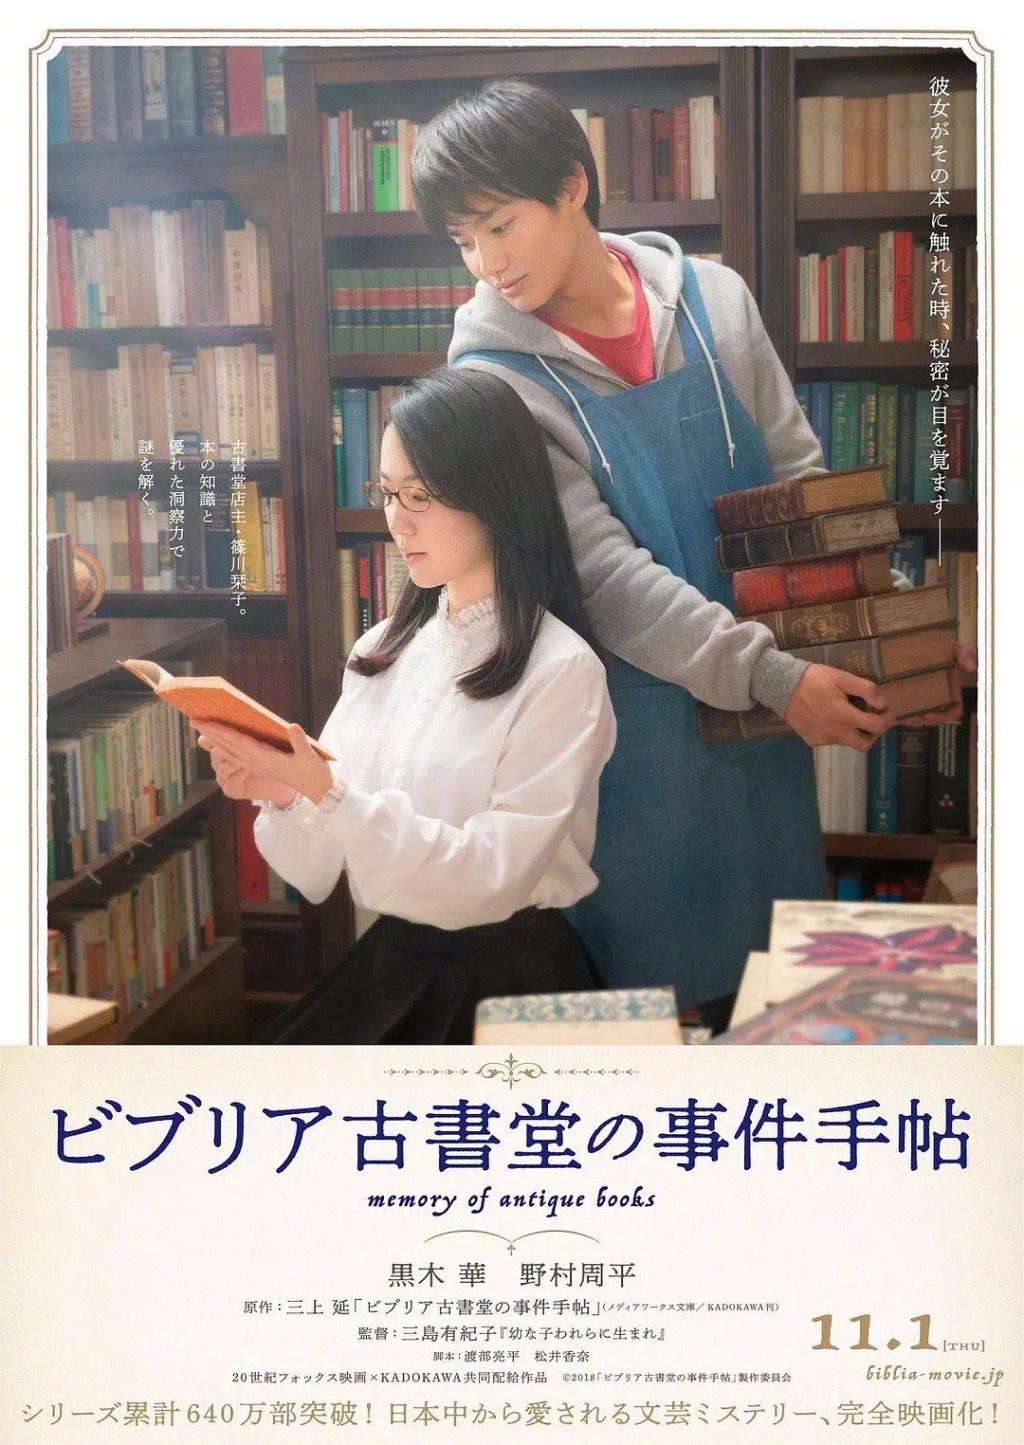 日影《彼布利亚古书堂事件手帖》新海报 秋季献映